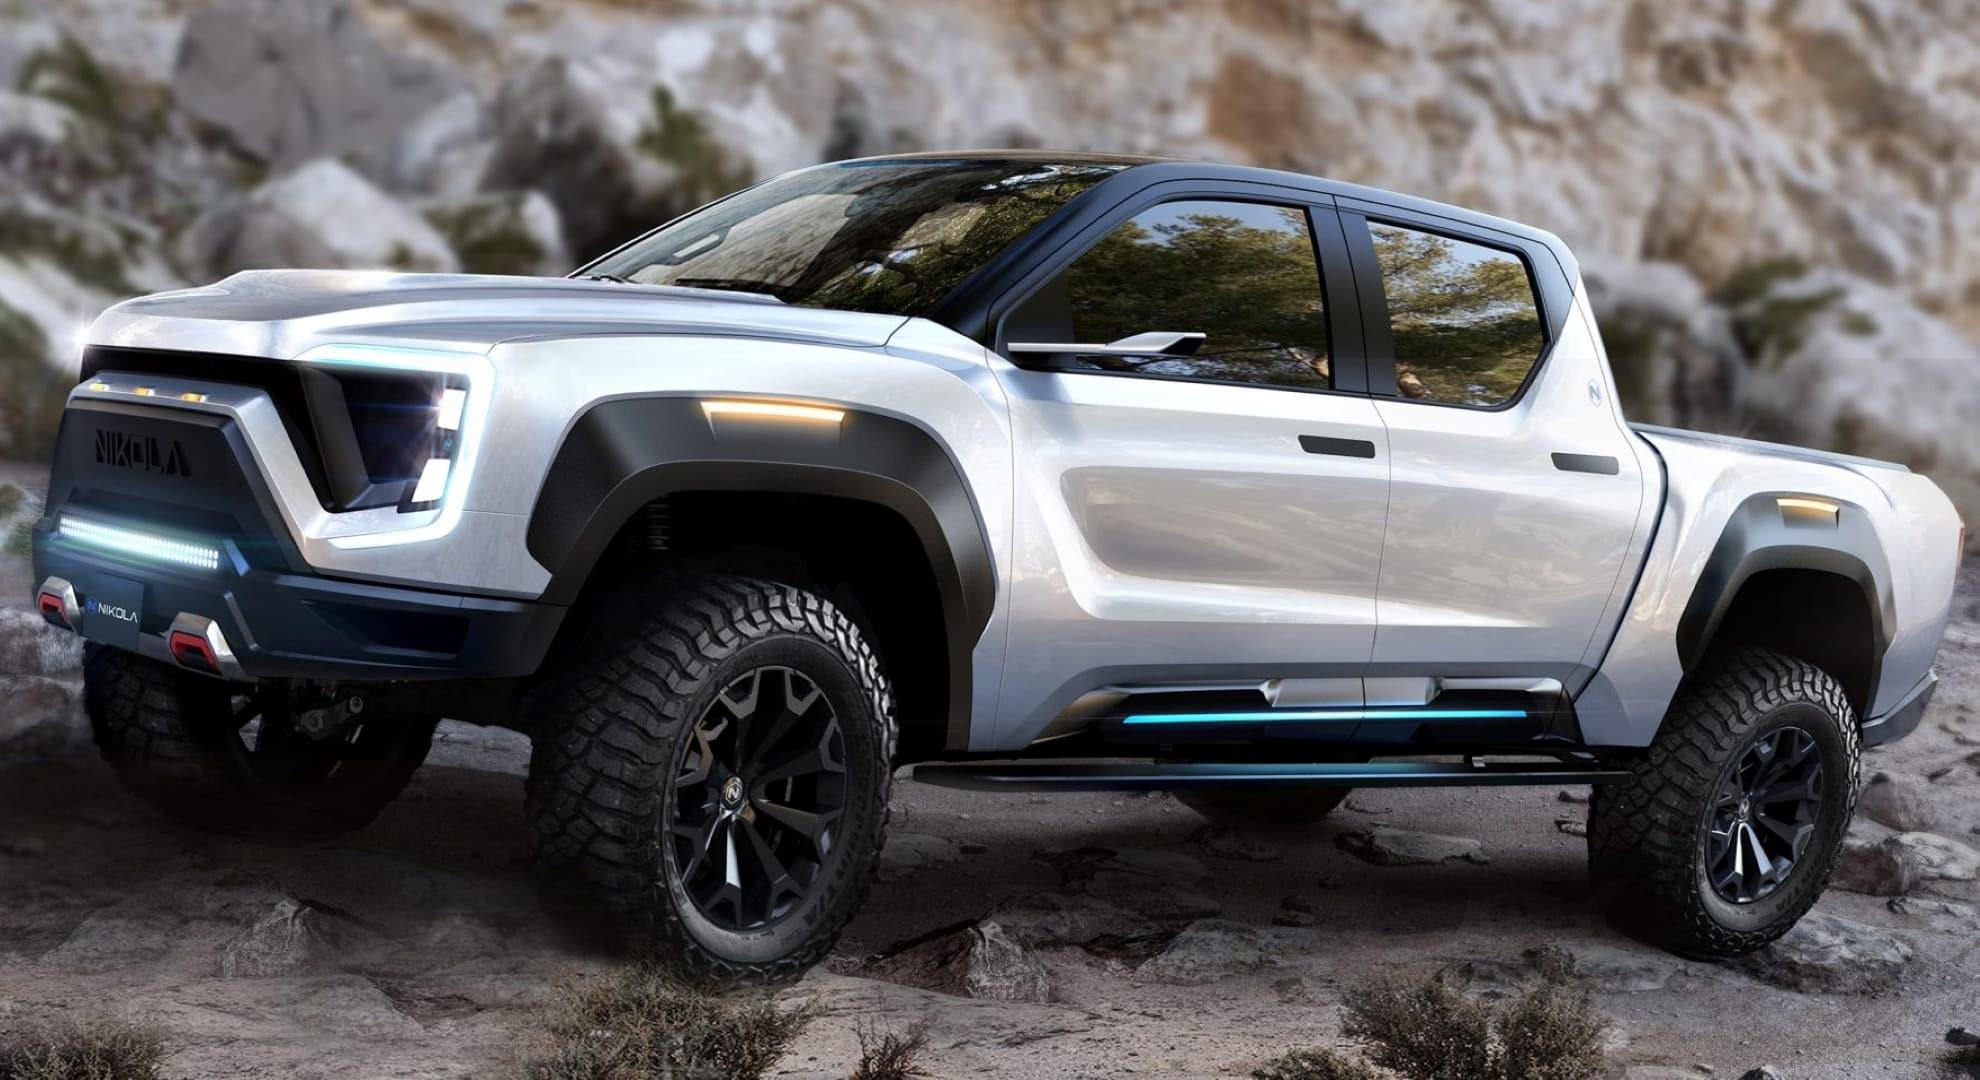 automobilka nikola motors odhalila velmi zaujimavy hybridny pick-up